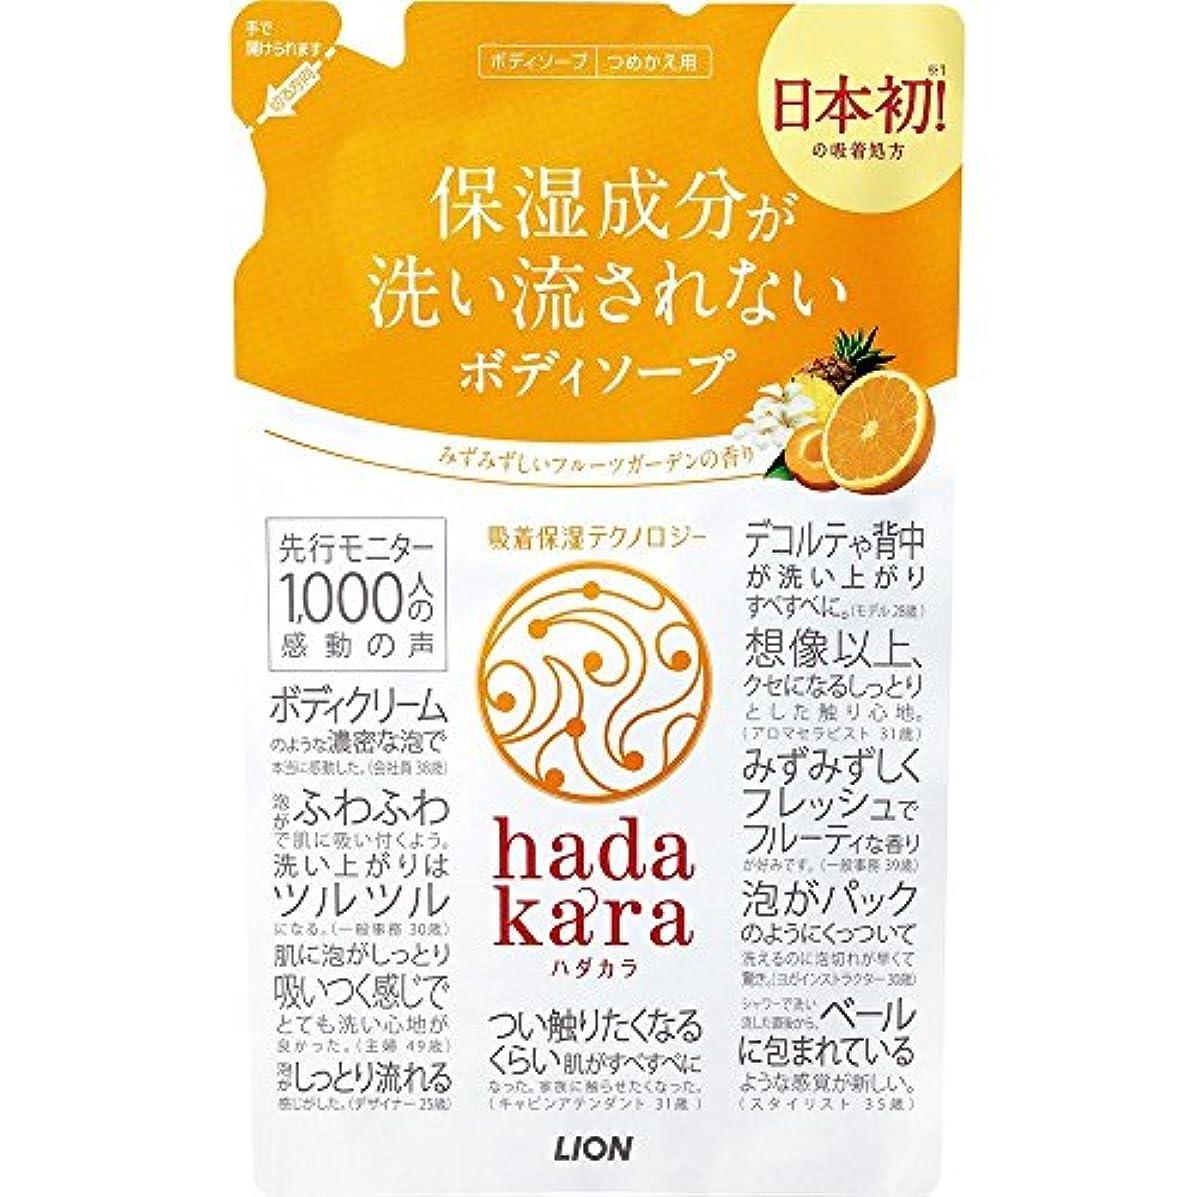 粘性のトロイの木馬有限hadakara(ハダカラ) ボディソープ フルーツガーデンの香り 詰め替え 360ml